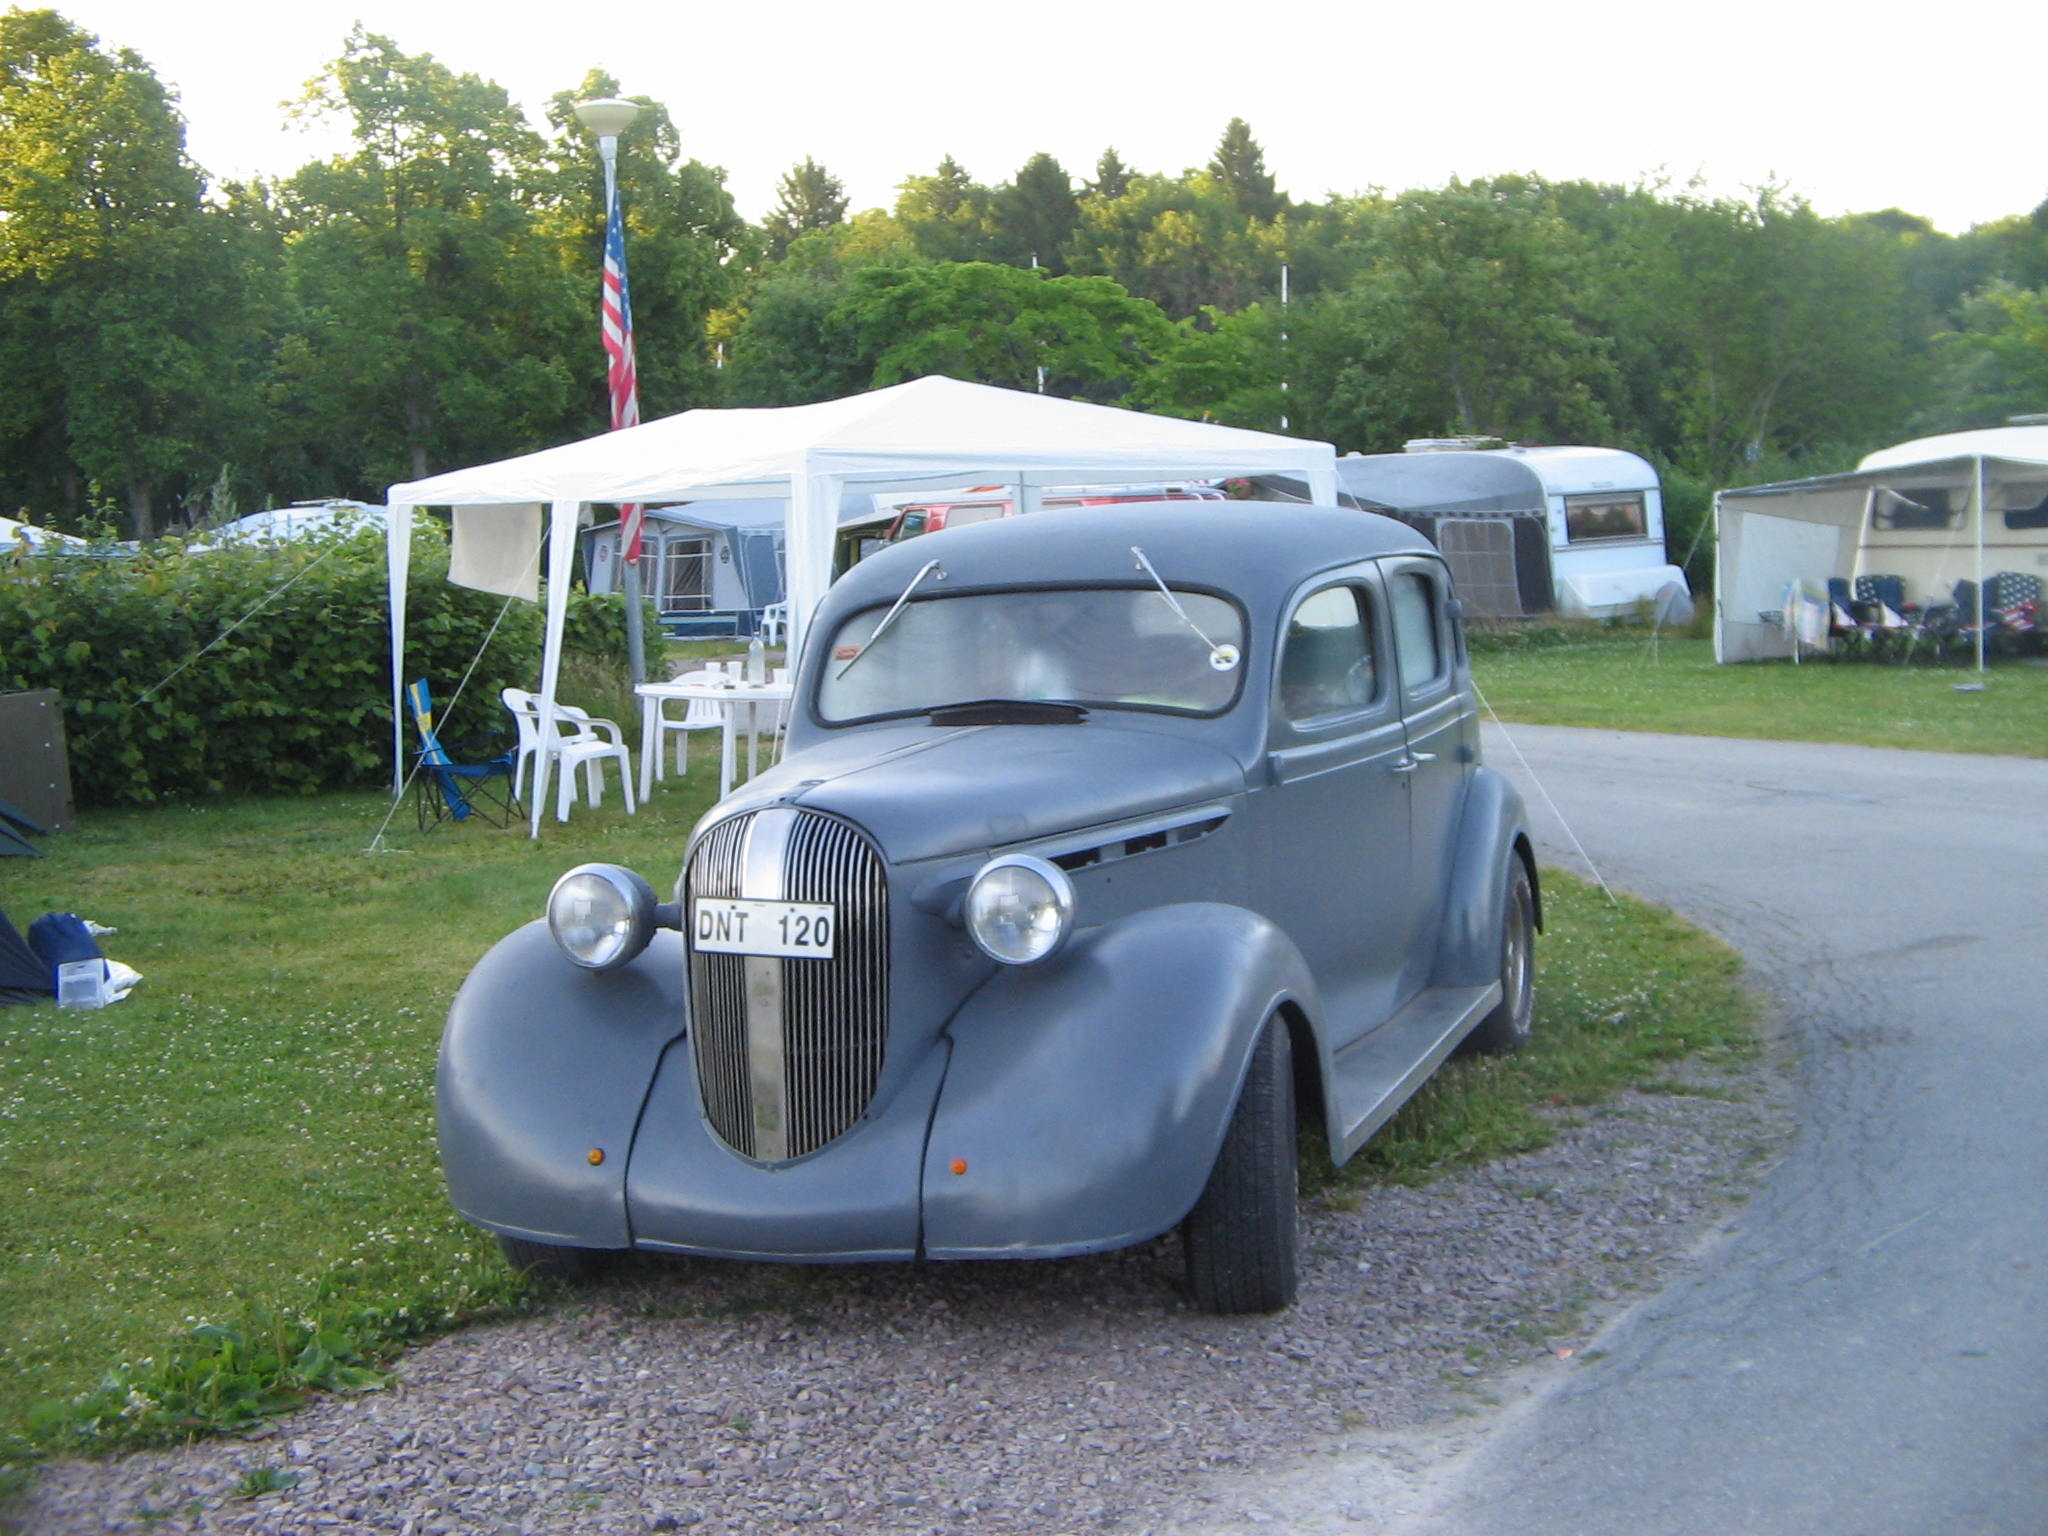 عکس های زیبا از ماشین های قدیمی